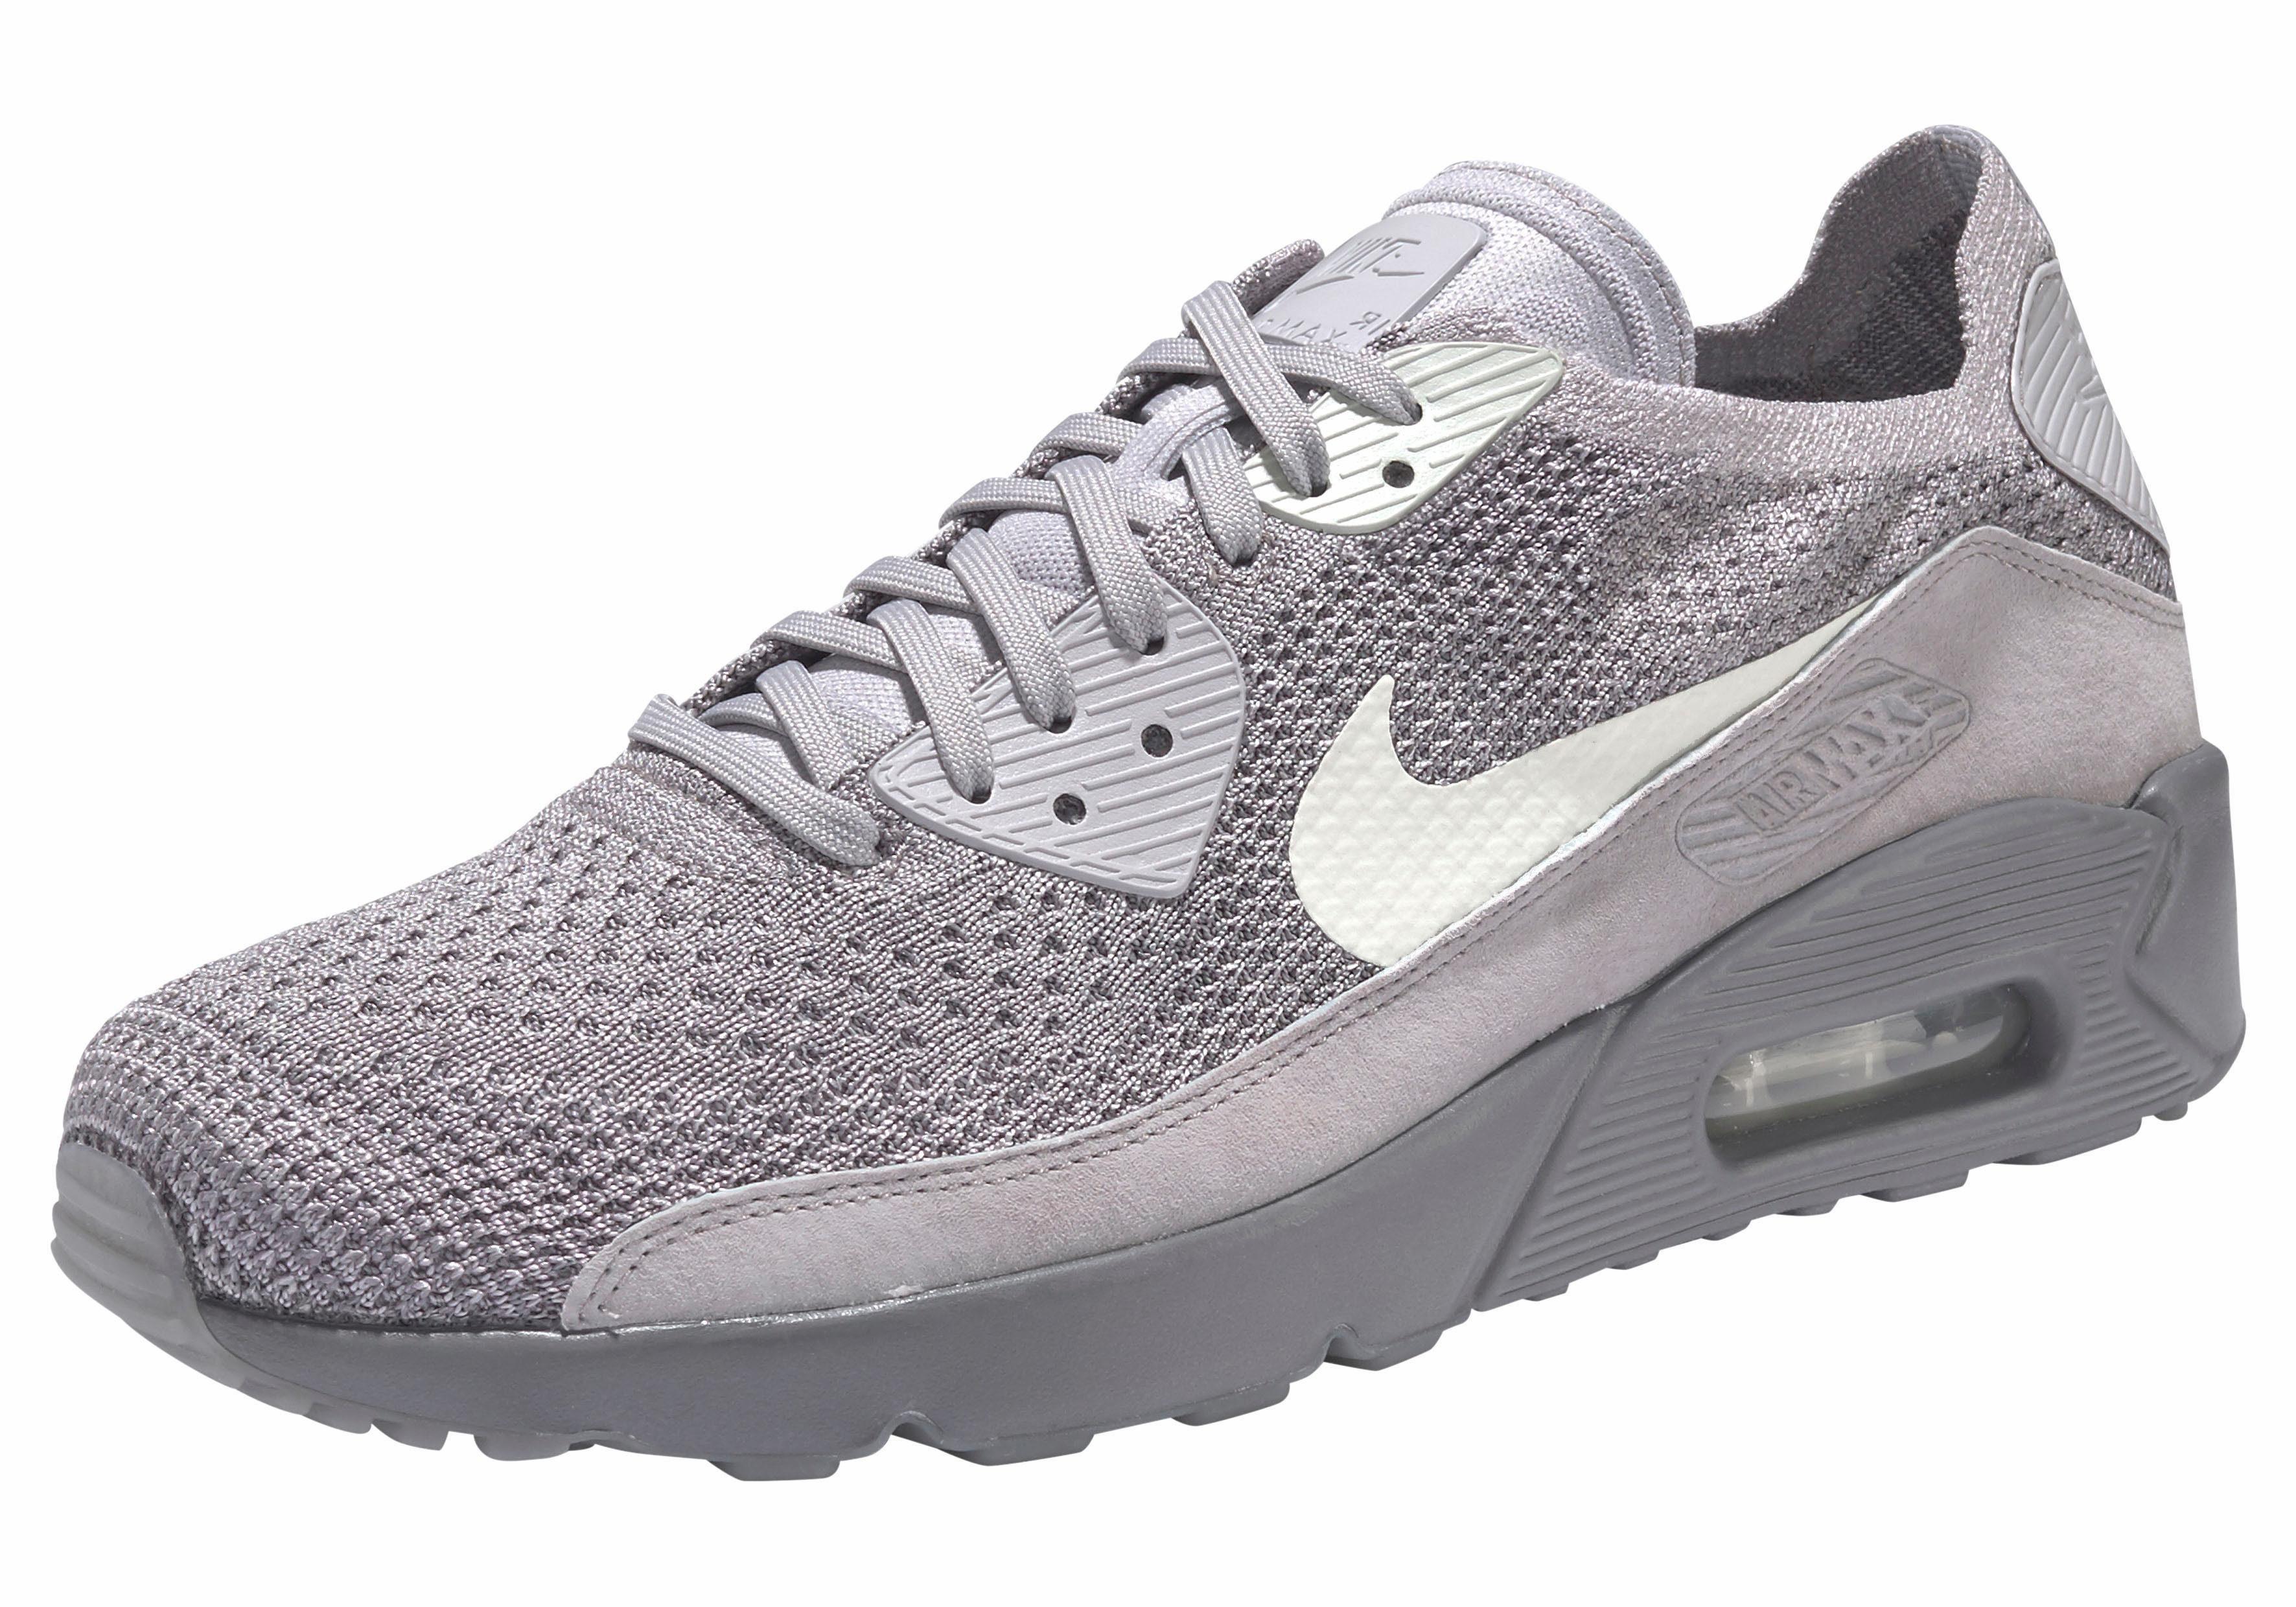 Nike Sportswear »Air Max 90 Ultra 2.0 Flyknit« Sneaker, Stabile Gummilaufsohle online kaufen | OTTO